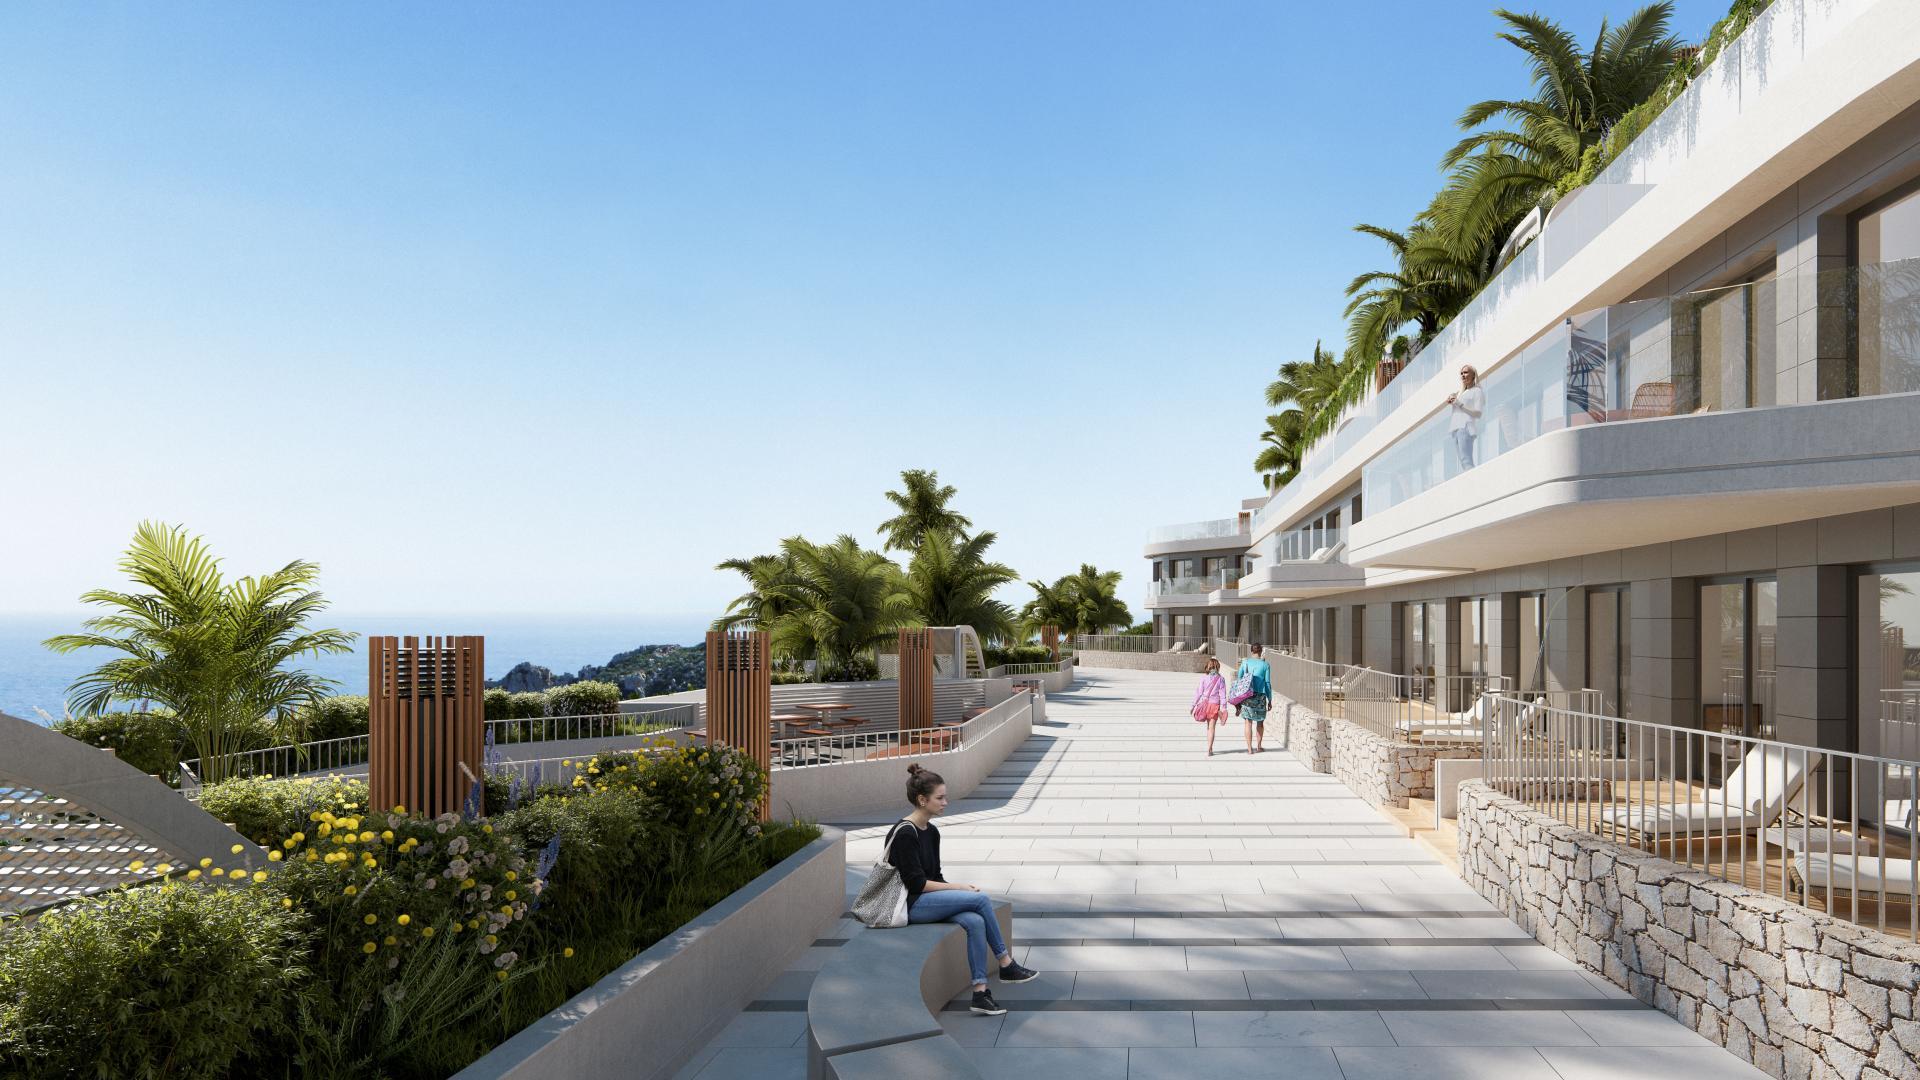 2 Slaapkamer Appartement met terras in Aguilas - Nieuwbouw in Medvilla Spanje